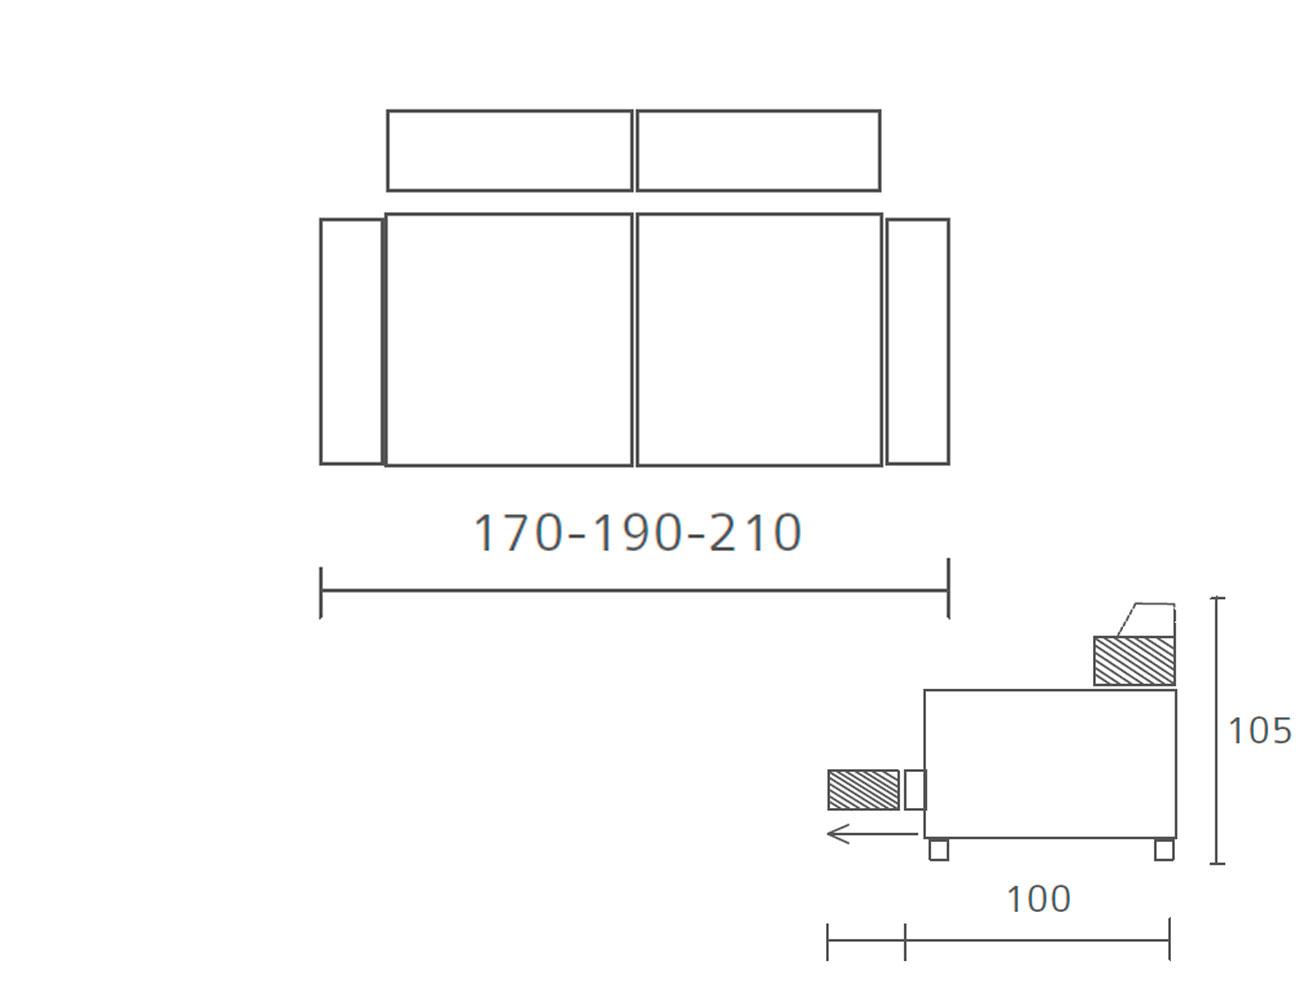 Sofa 120 190 21011